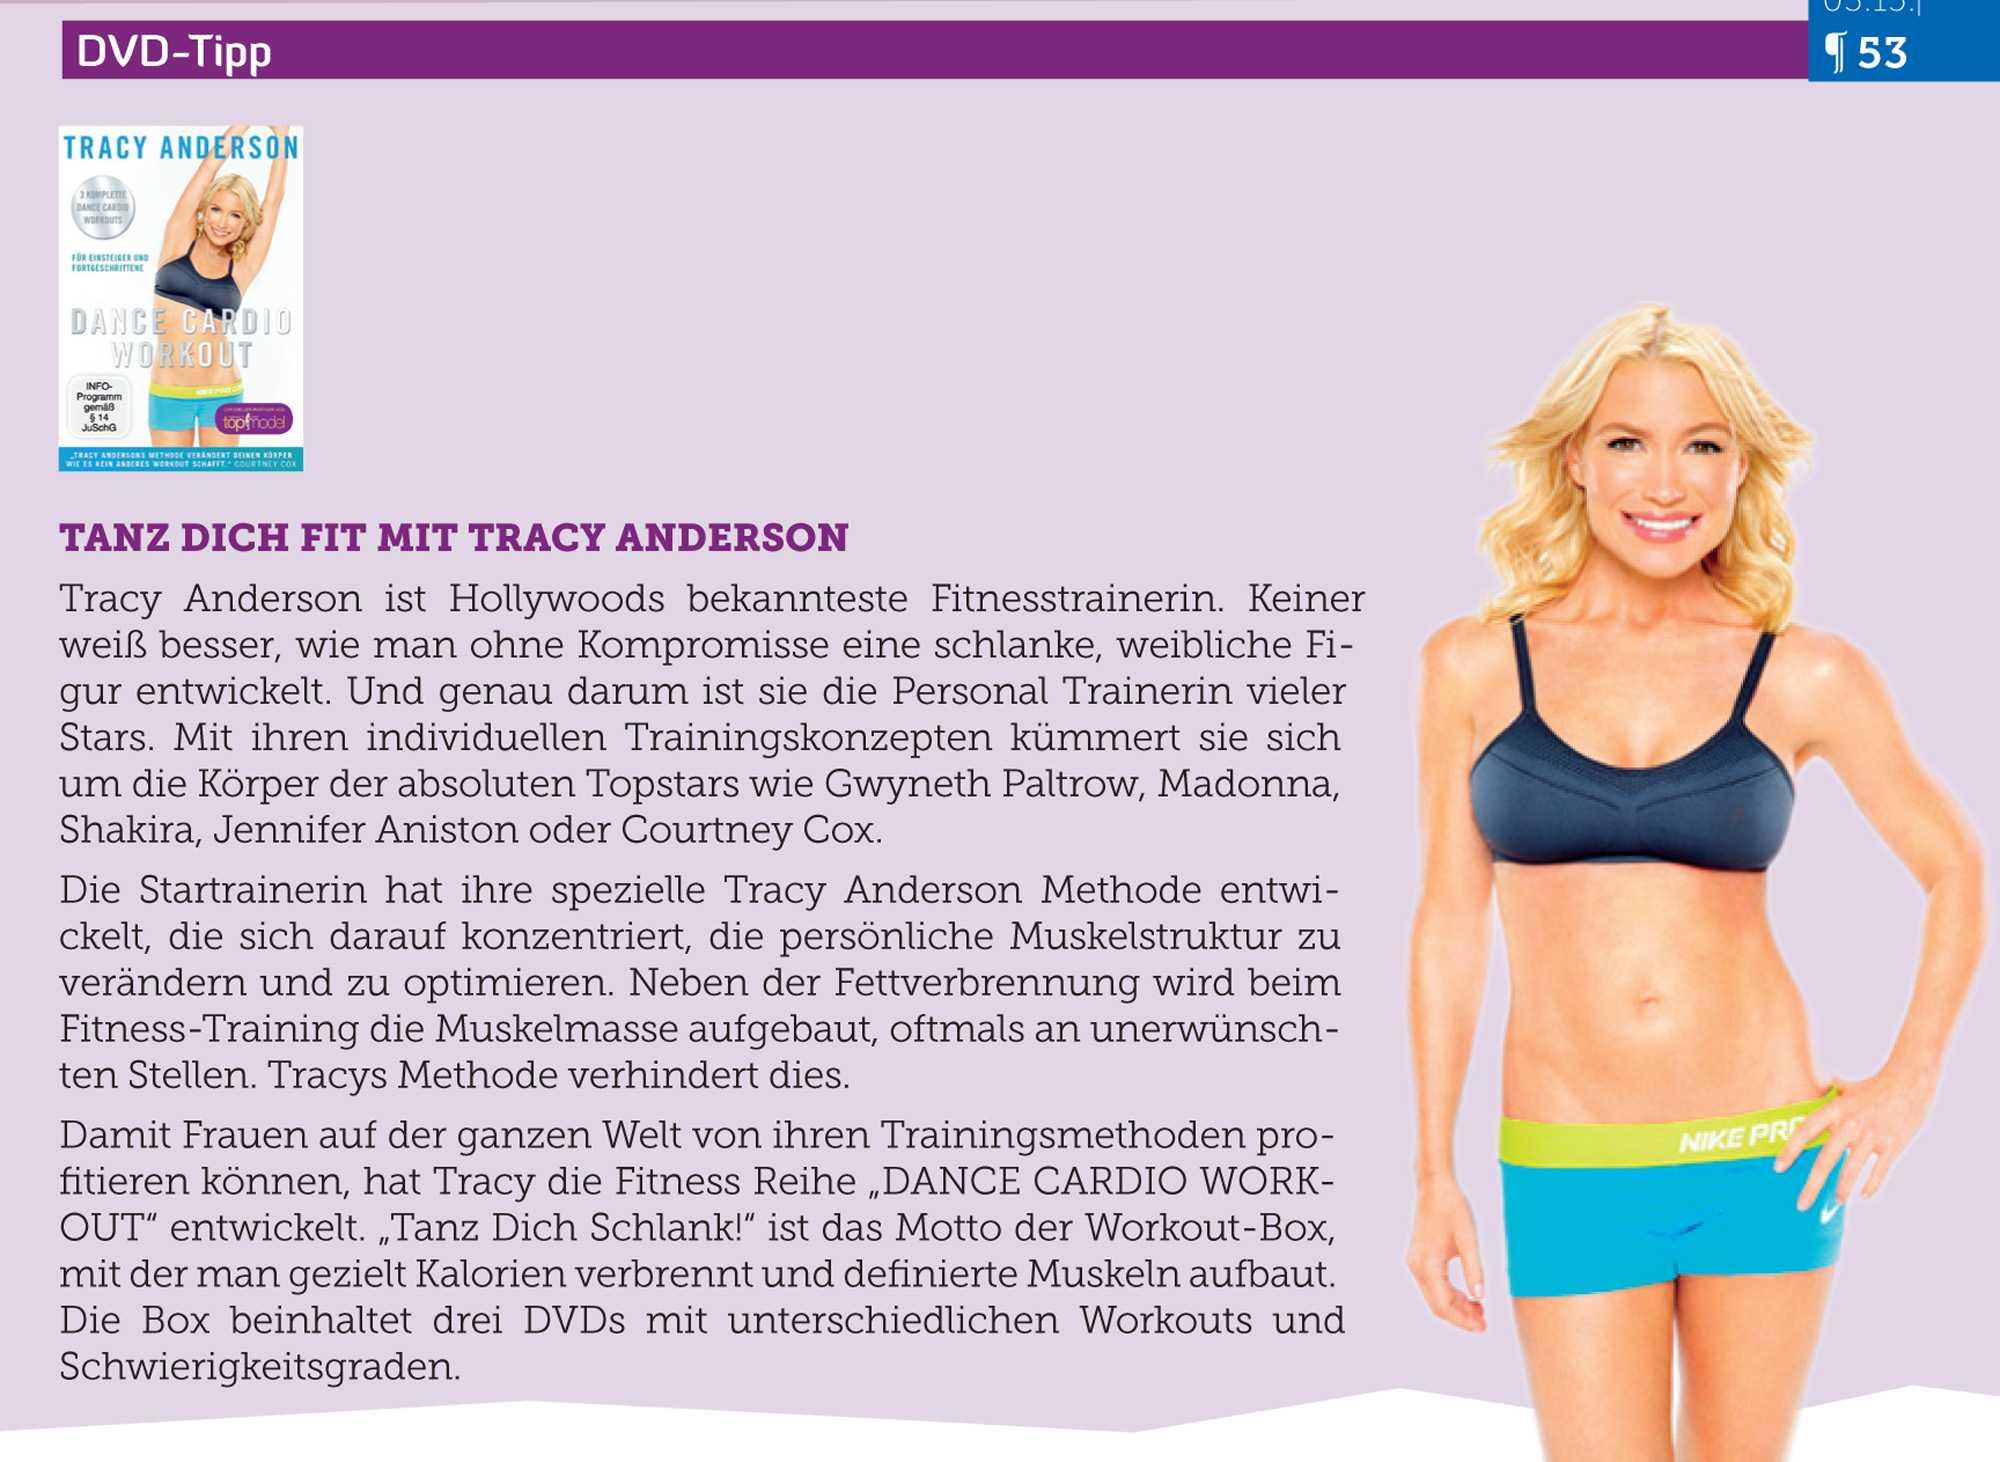 Трейси андерсон — звездный фитнес-тренер и её главные принципы тренировок